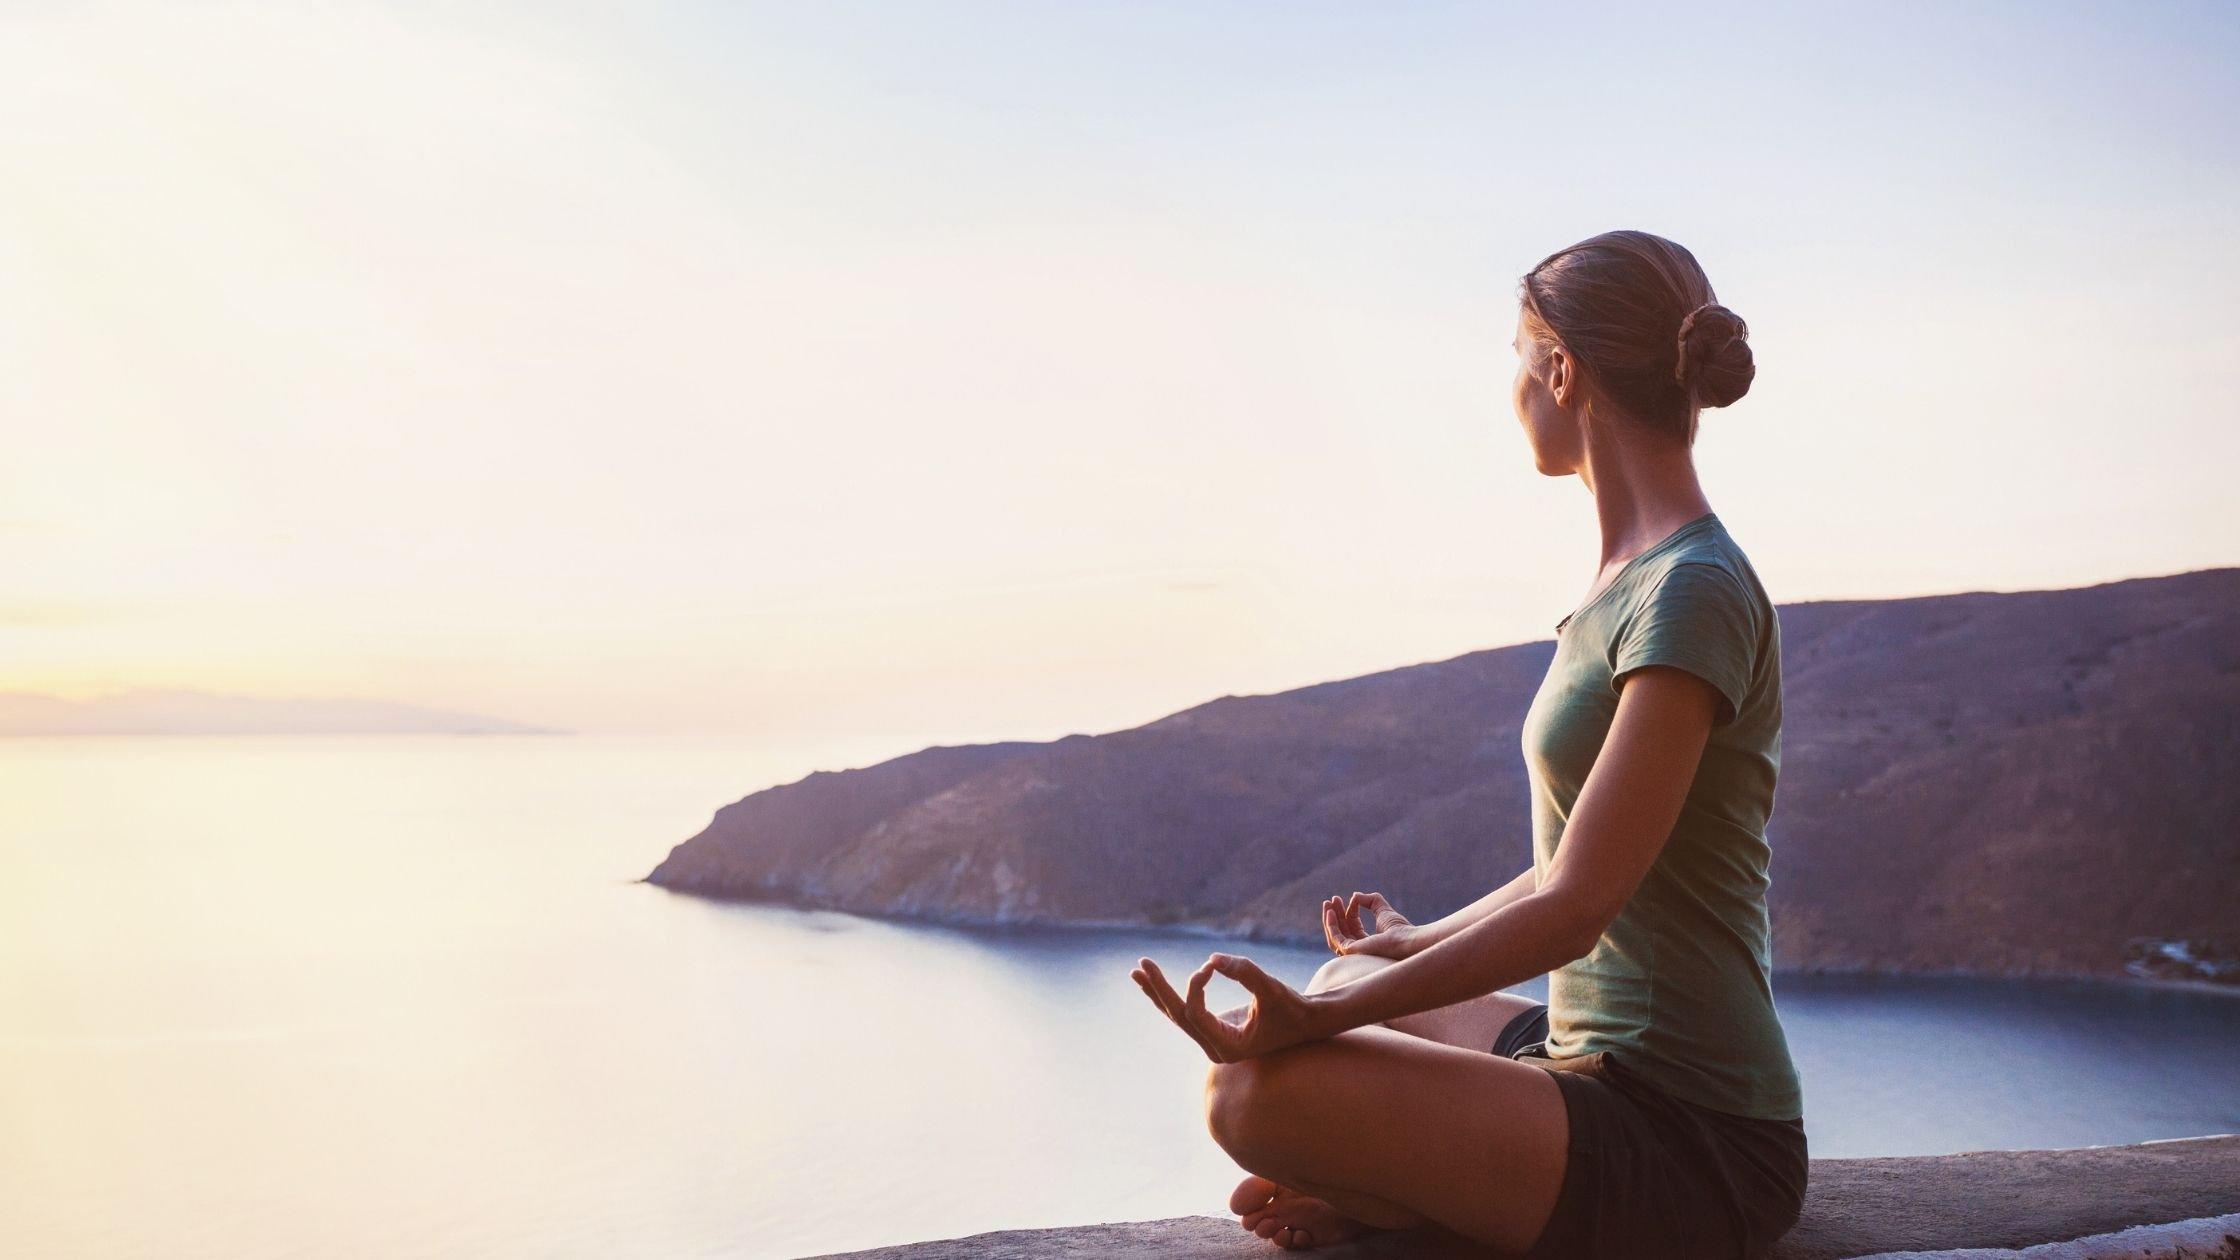 Respiro solare: la tecnica di Pranayama per ritrovare energia e concentrazione